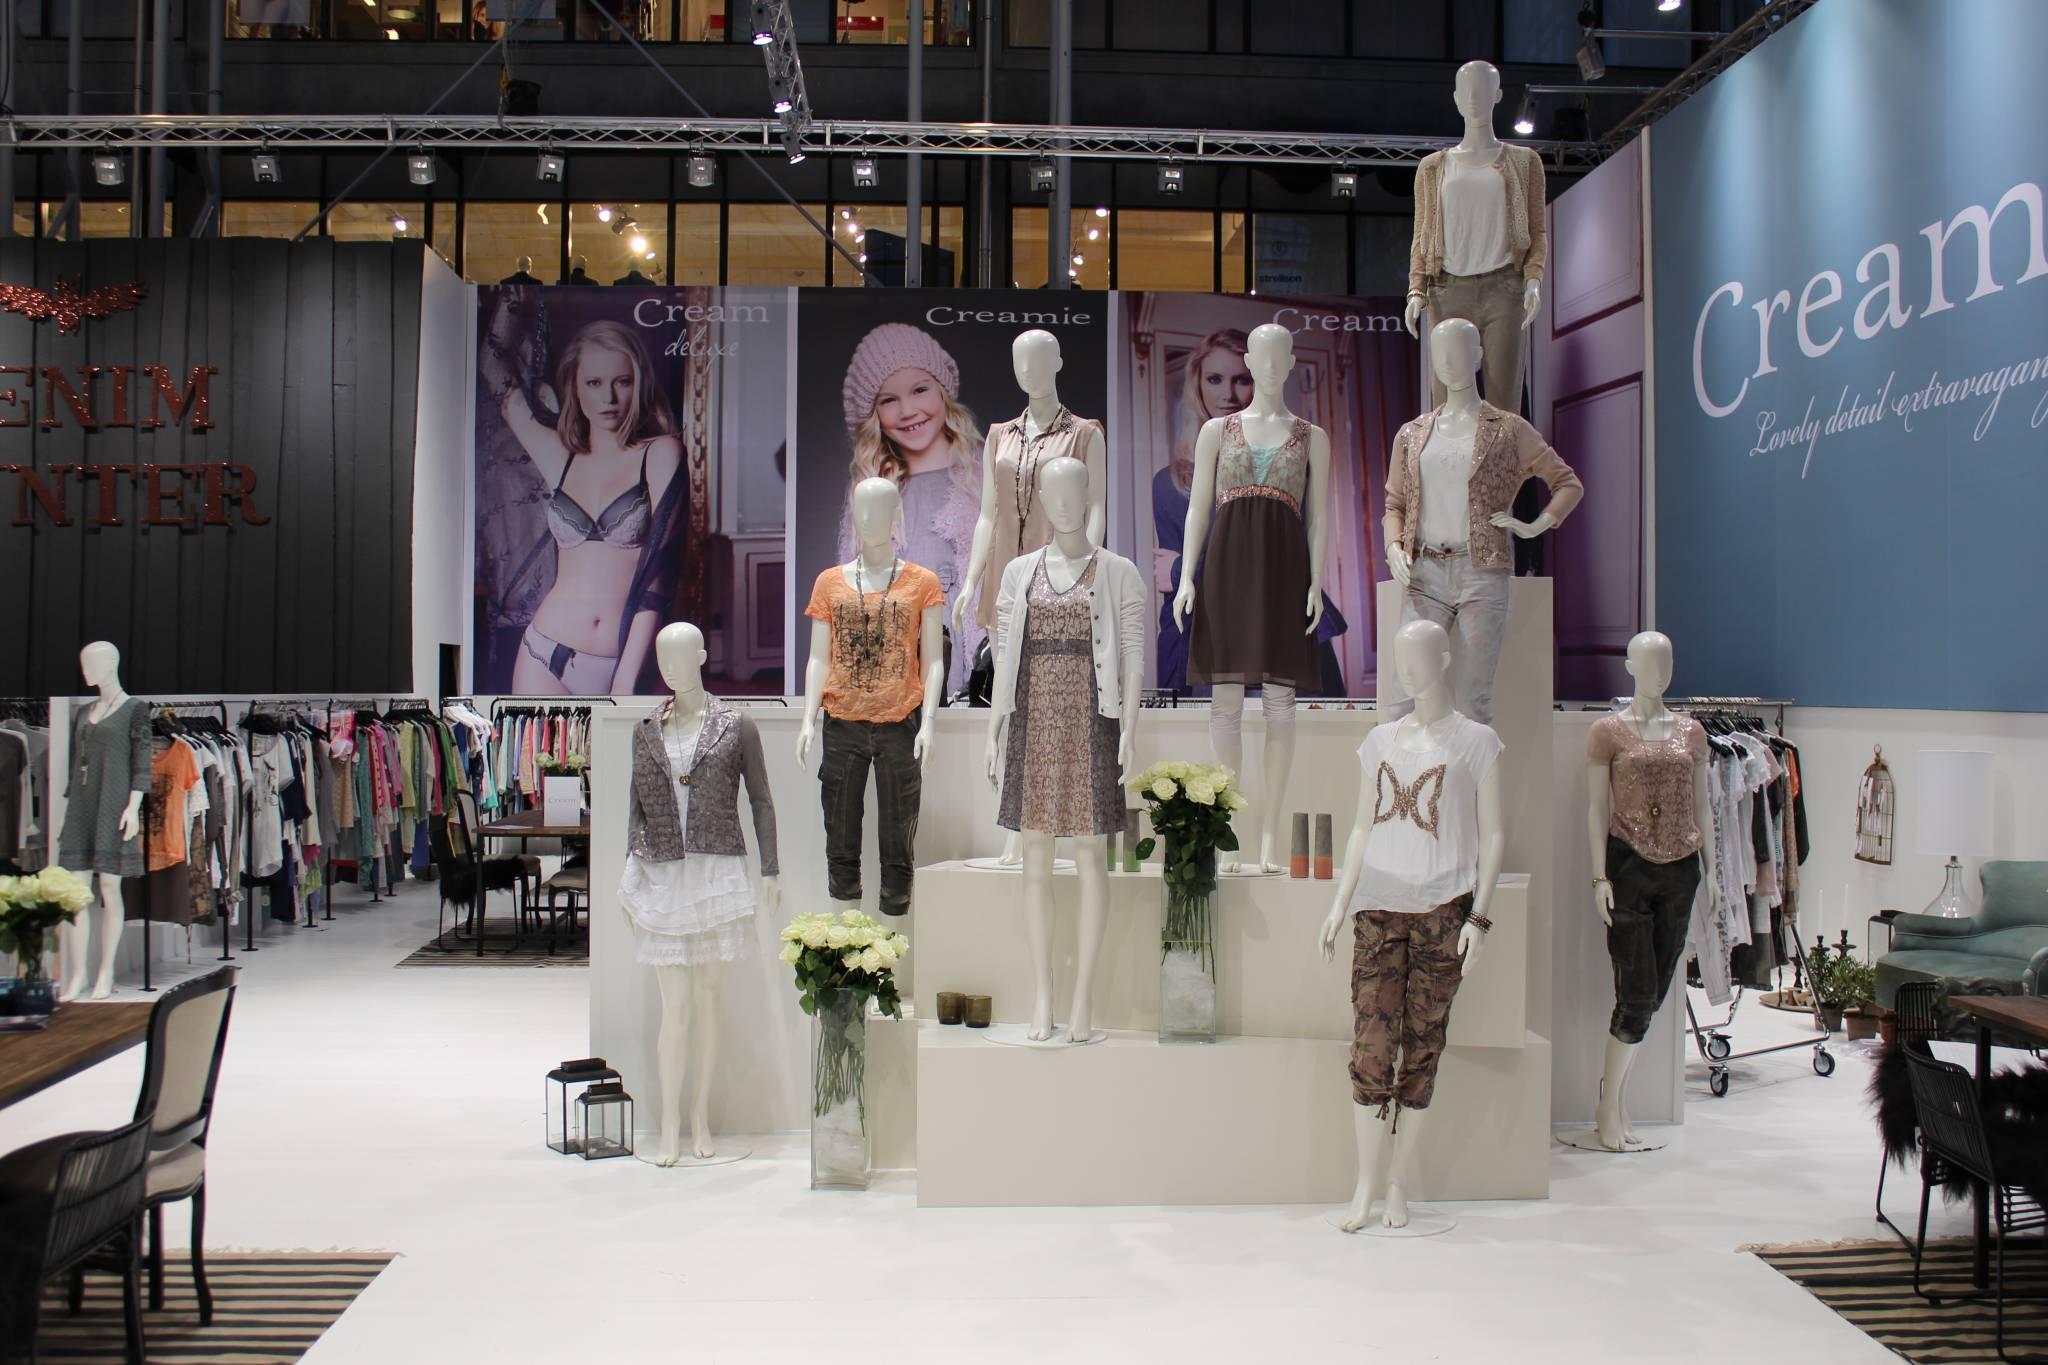 De flotte mannequiner præsenteres effektivt på podier i de forskellige størrelser. Butiksindregning og butiksinventar